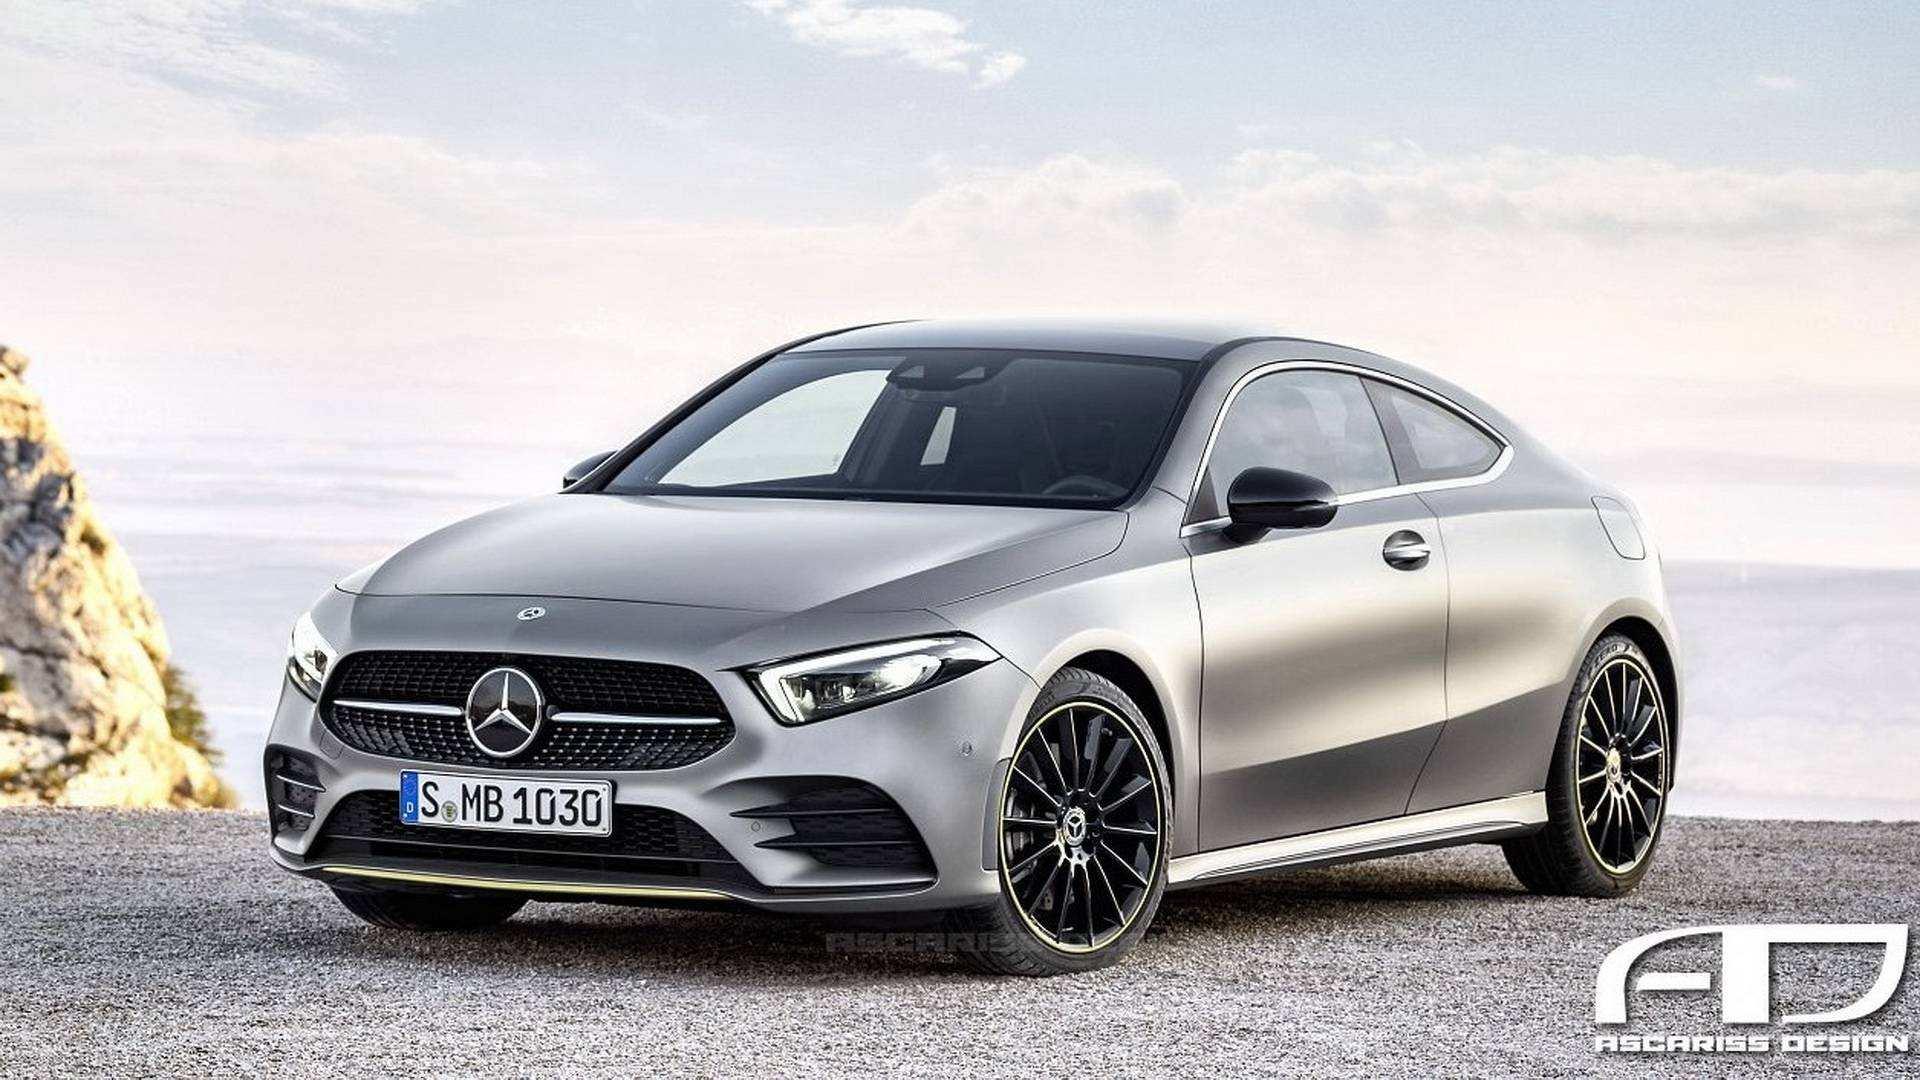 75 New 2019 Mercedes Hatchback Rumors by 2019 Mercedes Hatchback